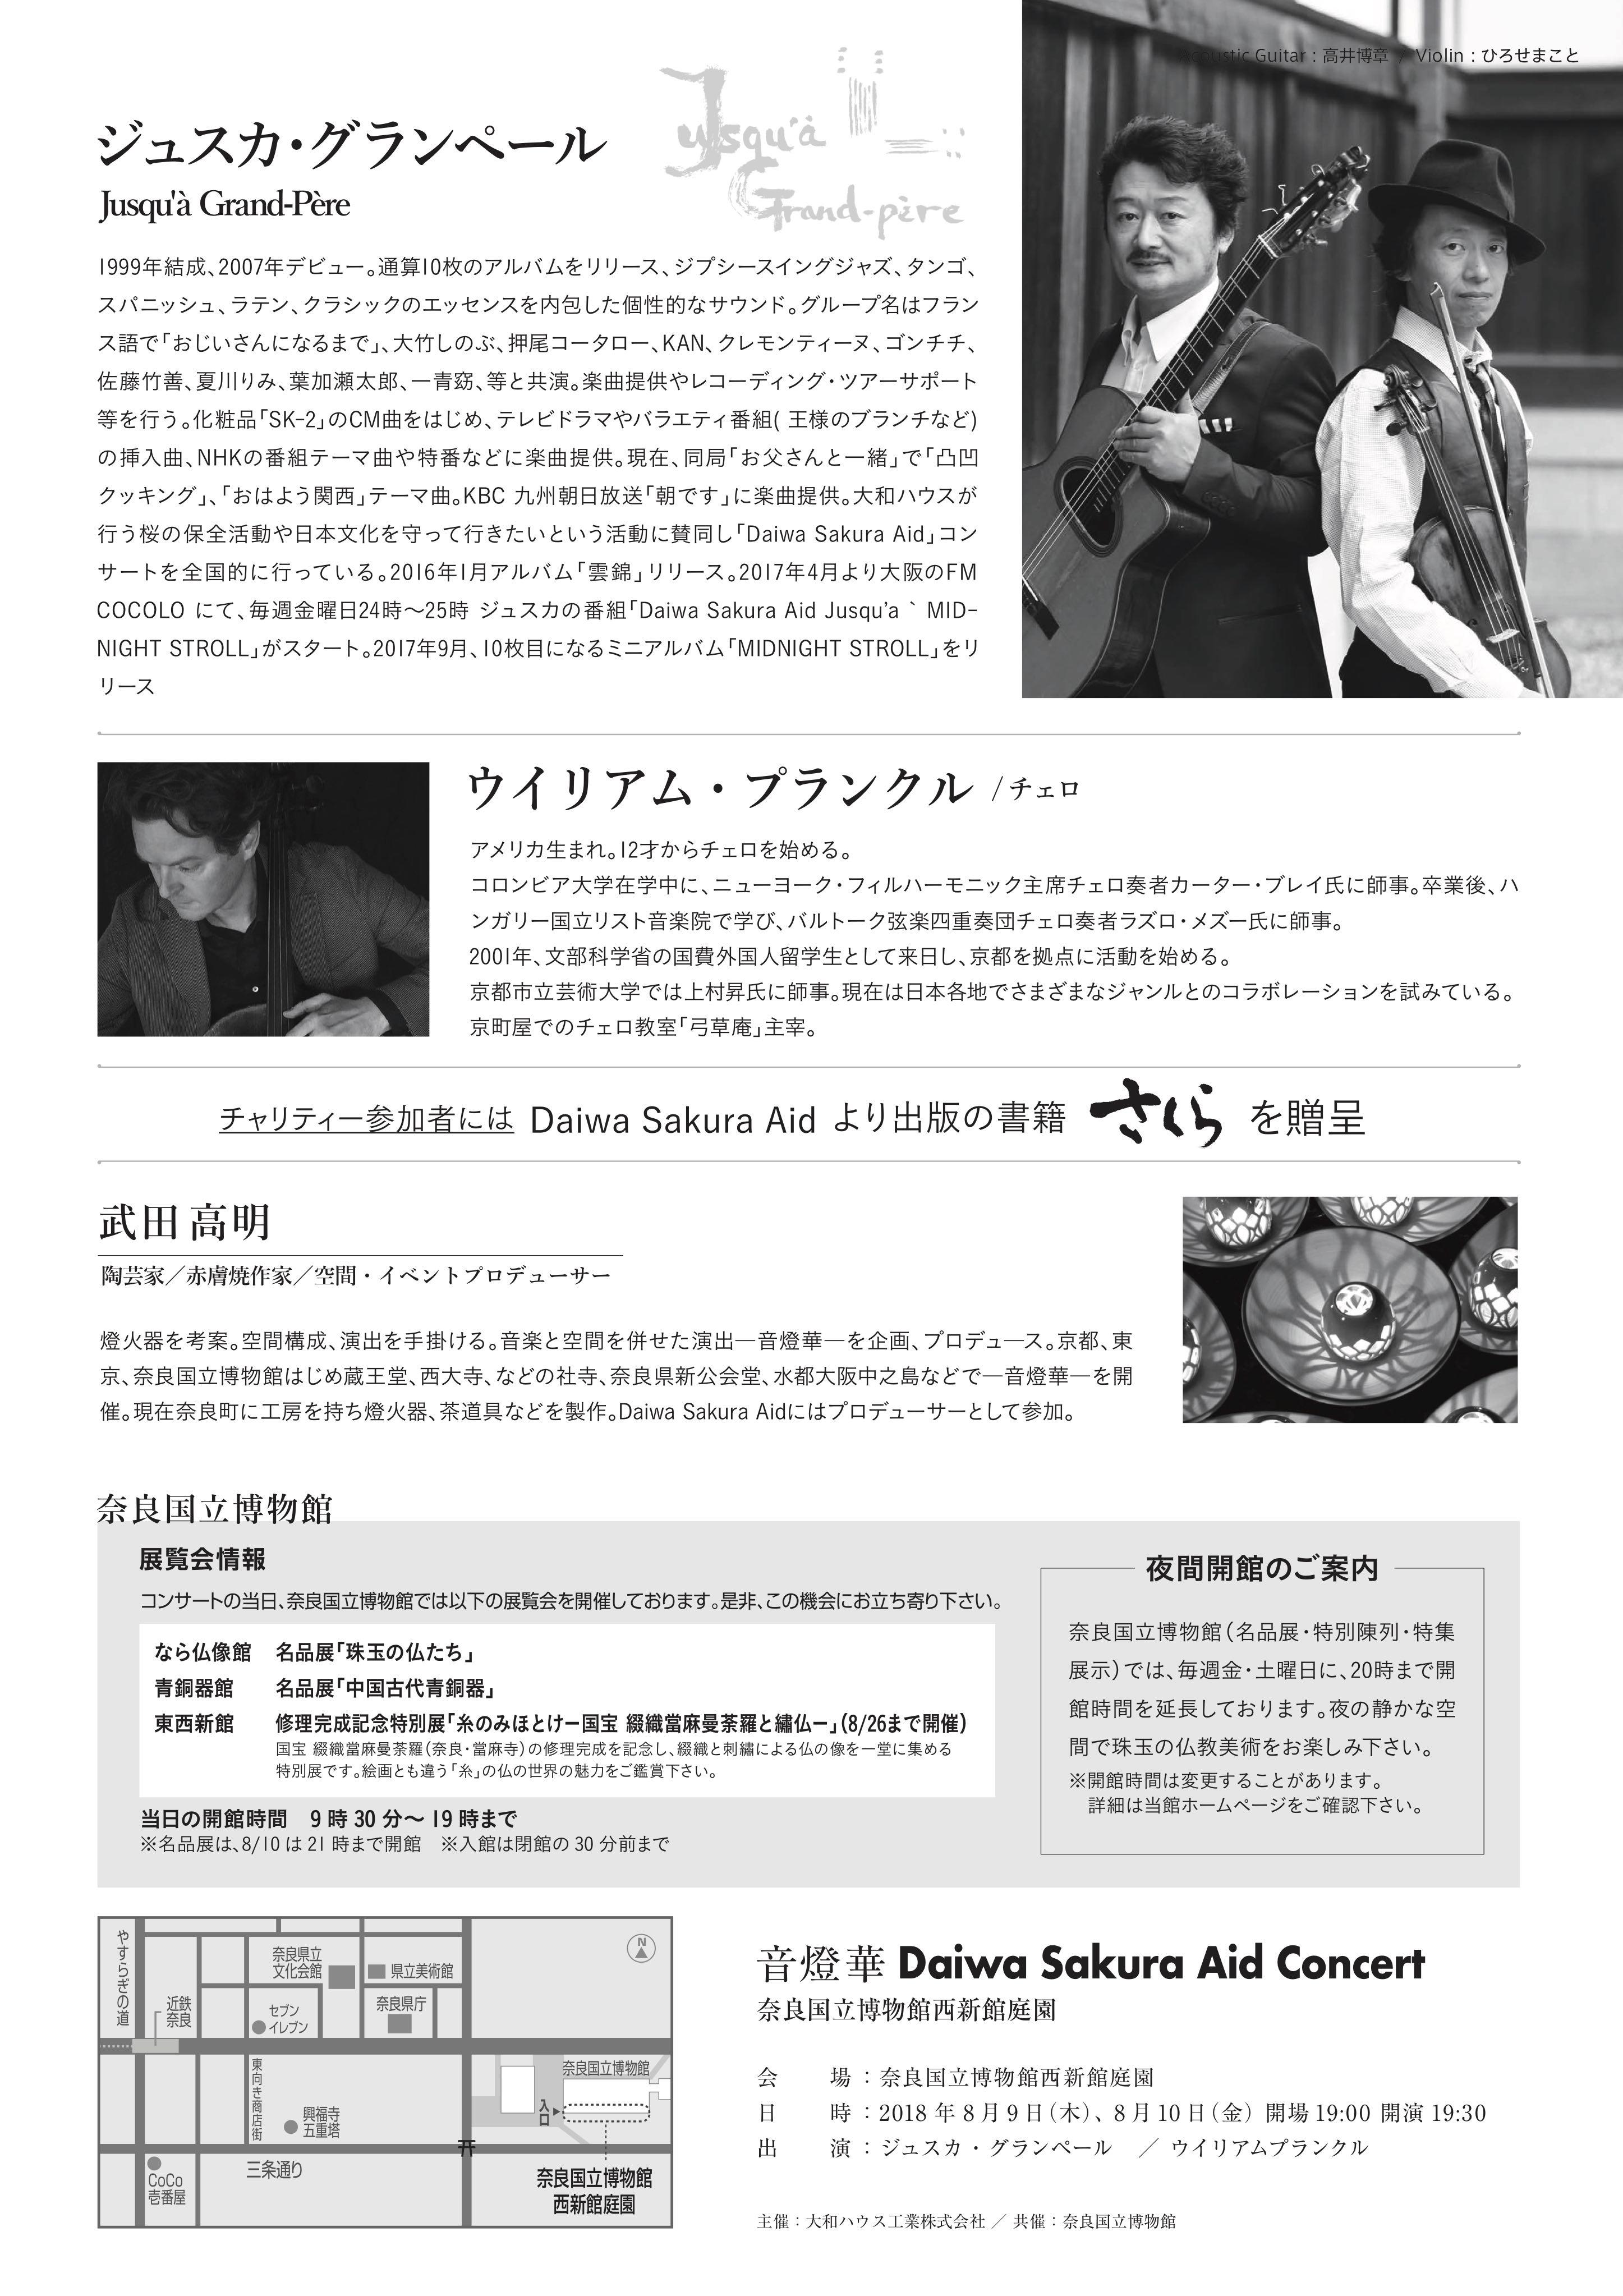 奈良国立博物館_A4たて_裏面_fix